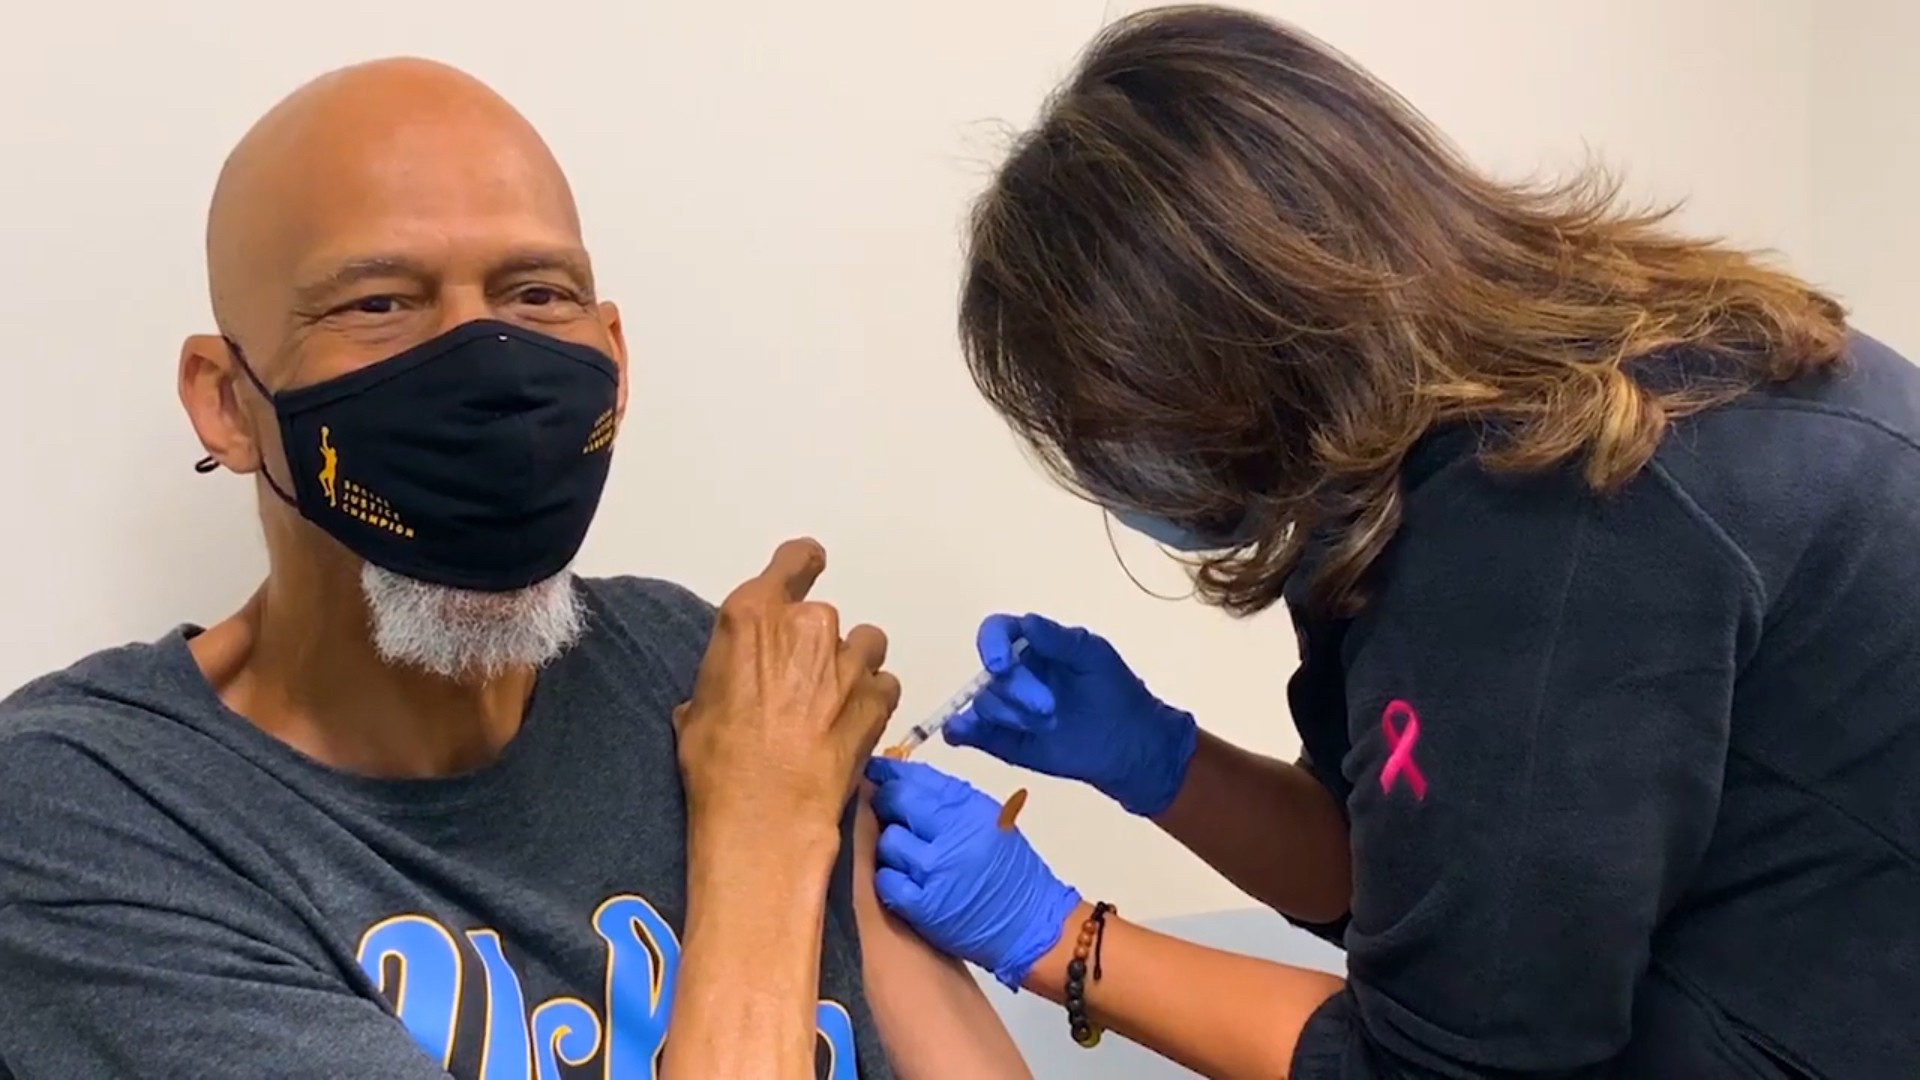 Kareem Abdul-Jabbar urges public to get COVID-19 vaccine